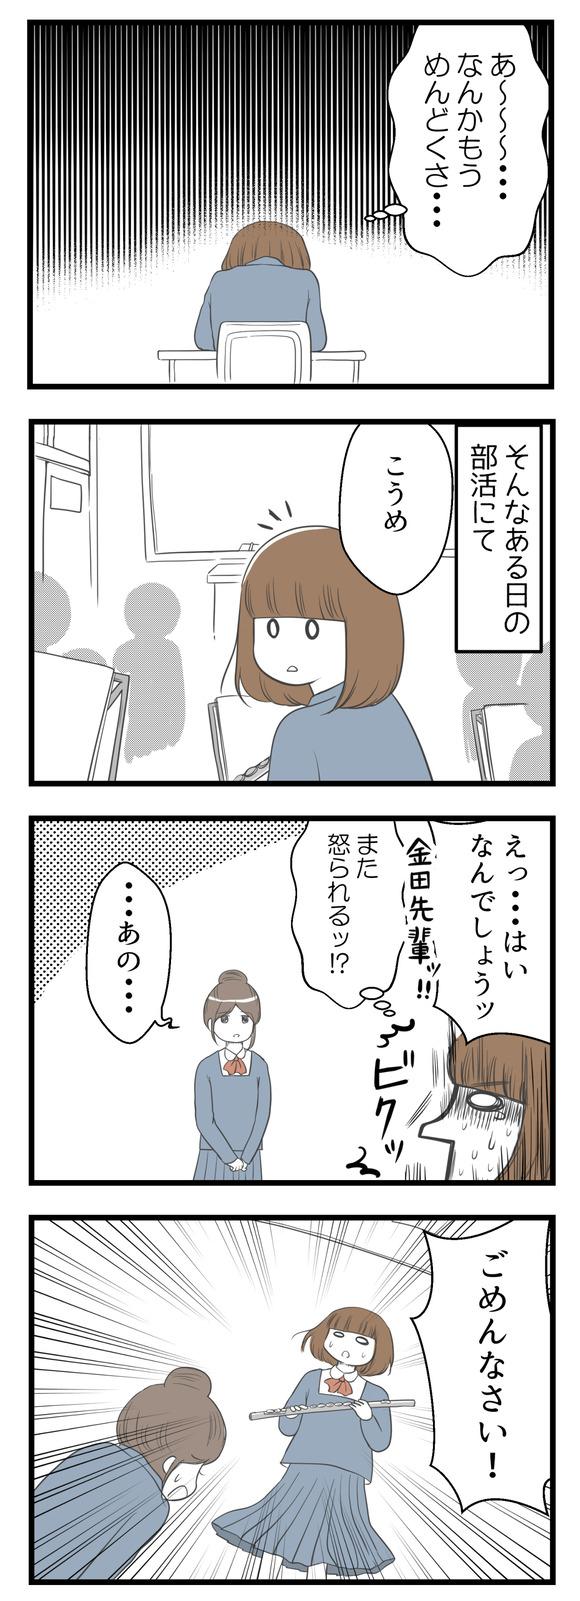 そんな中、とうとう金田先輩から声をかけられ謝られて・・・?